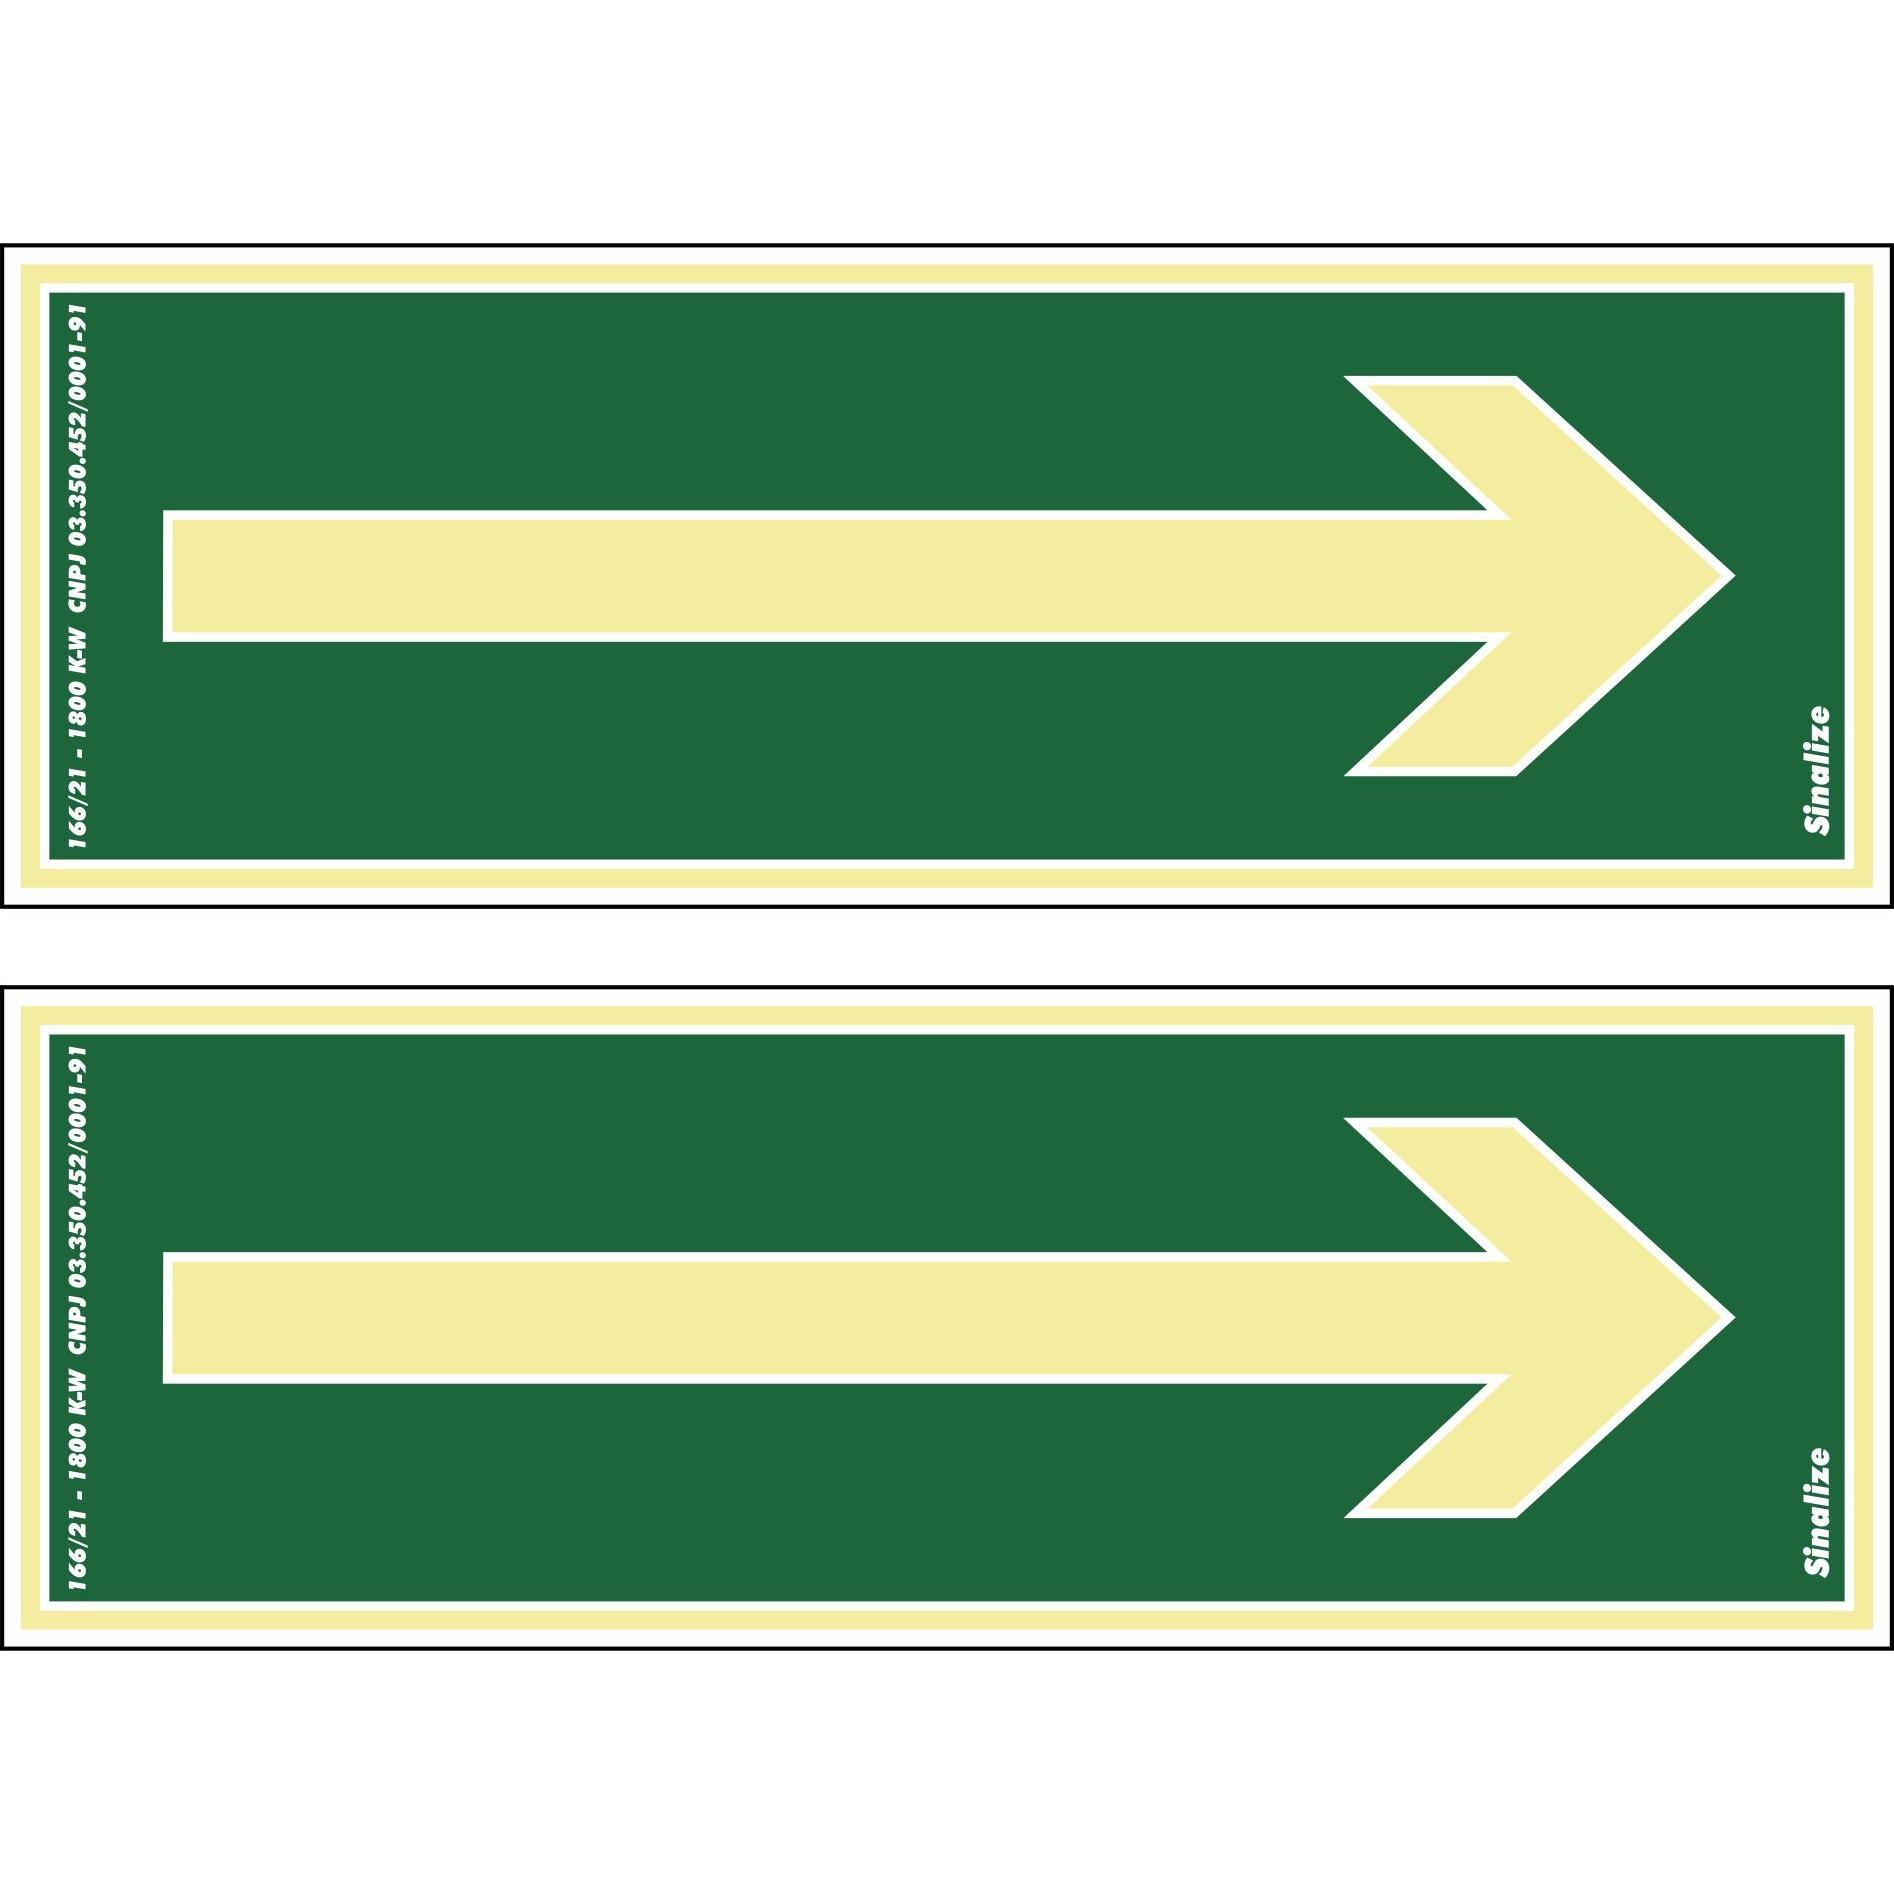 Placa de PVC Seta Reta De Emergencia Para Rodapes 30cm x 14cm Verde Escuro - Sinalize